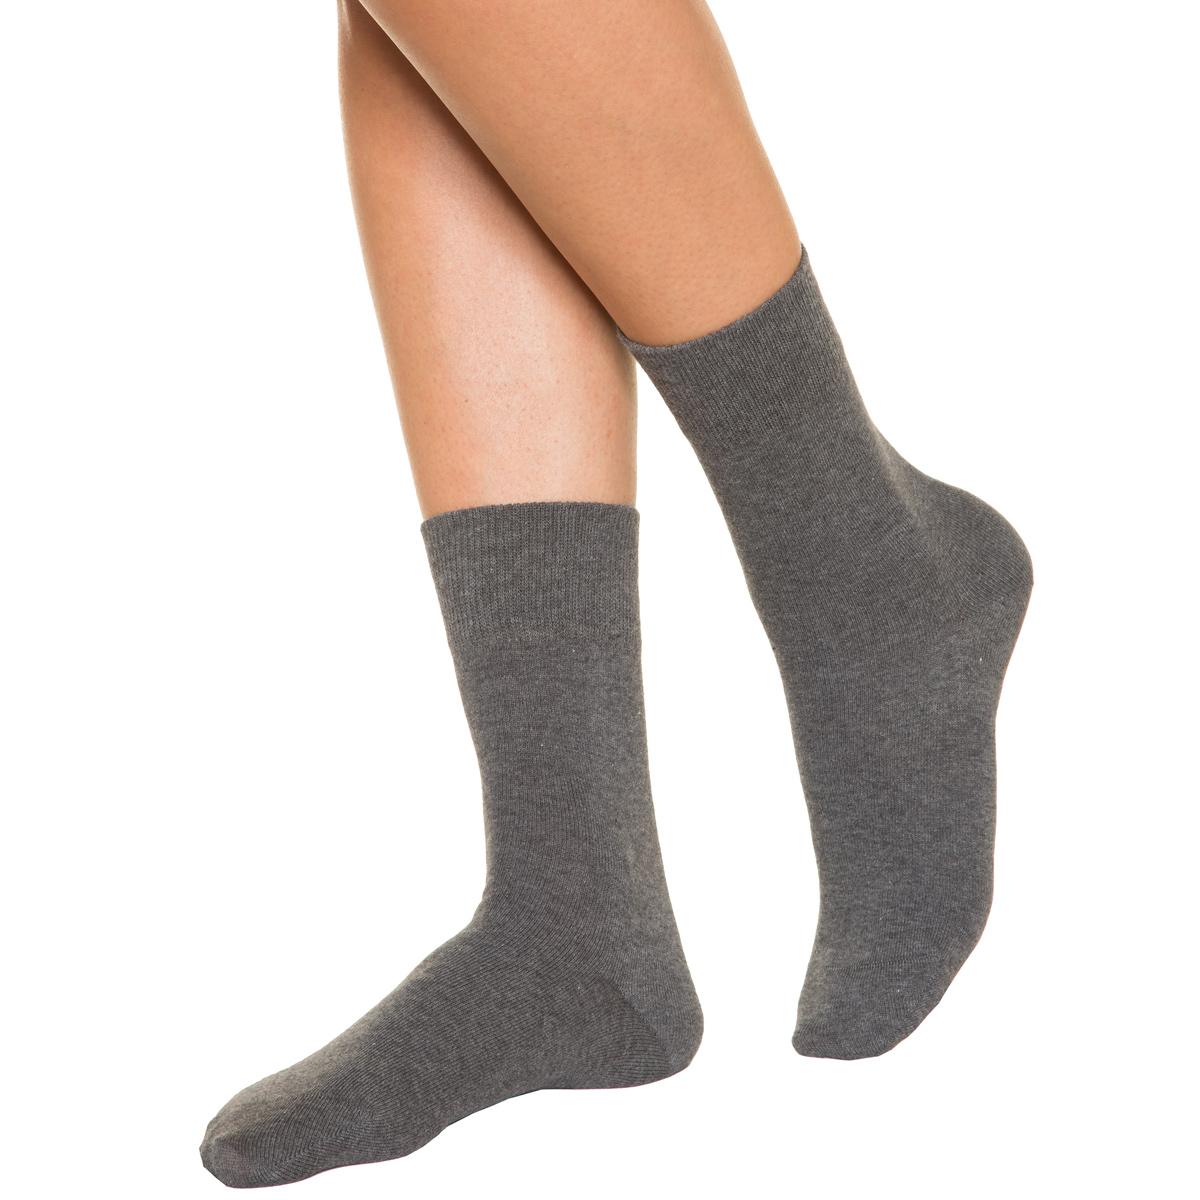 Chaussettes anthracite pour Femme Pur Coton